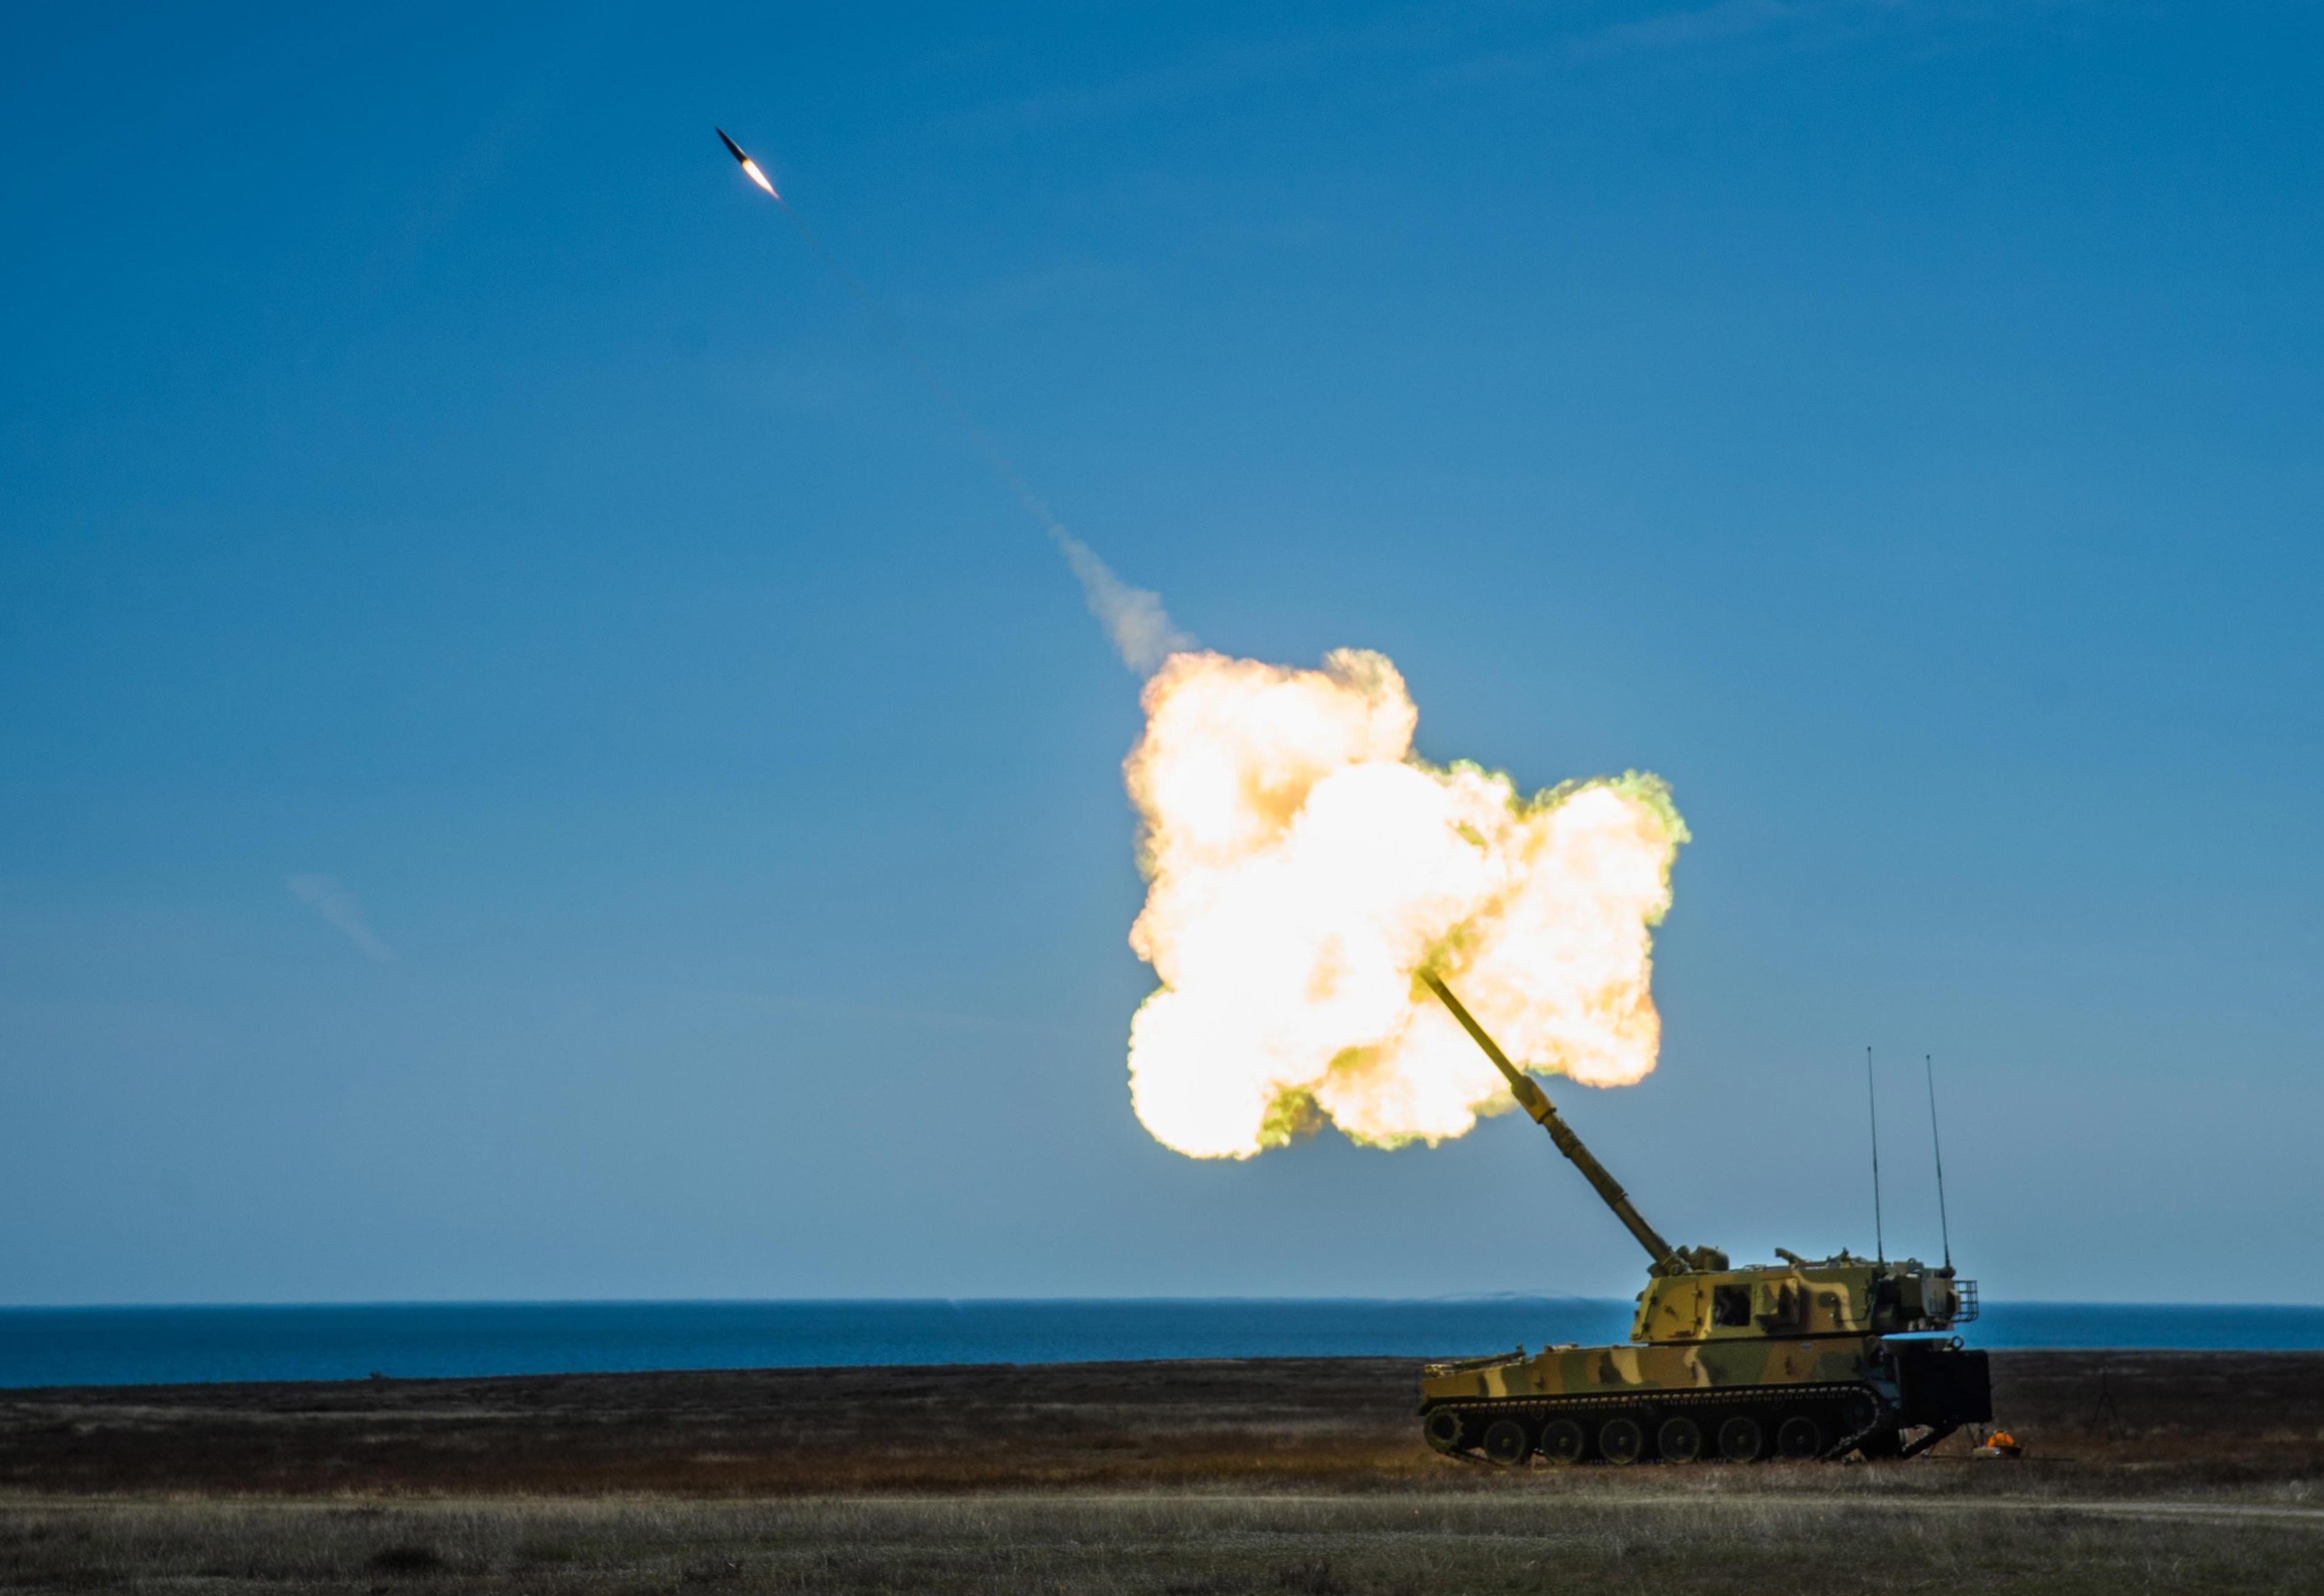 HØYTFLYGENDE: Den nye norske artillerigranaten flyr høyre enn et passasjerfly på vei mot et mål 40 km unna. Rakettmotoren, som gir økt rekkevidde, er synlig under granaten.